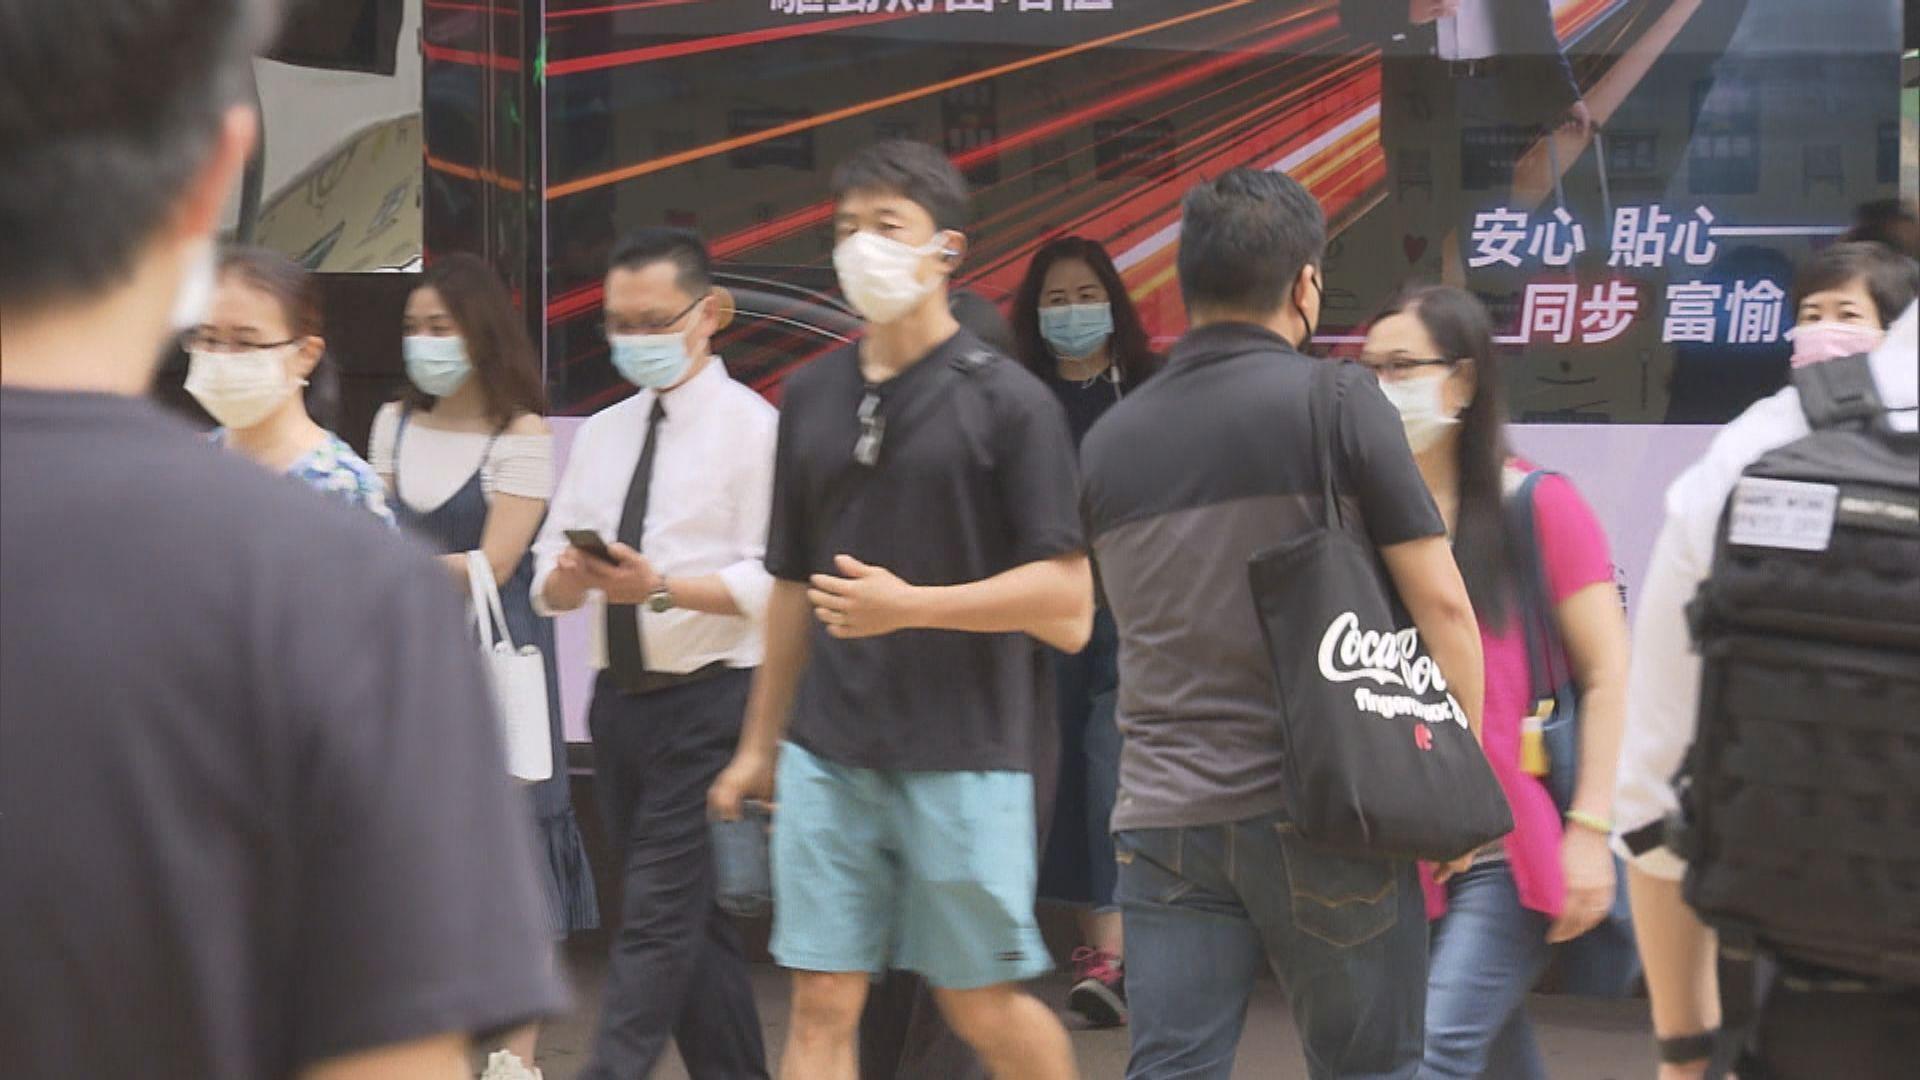 加拿大總領事館:未實施任何從香港撤走公民計劃